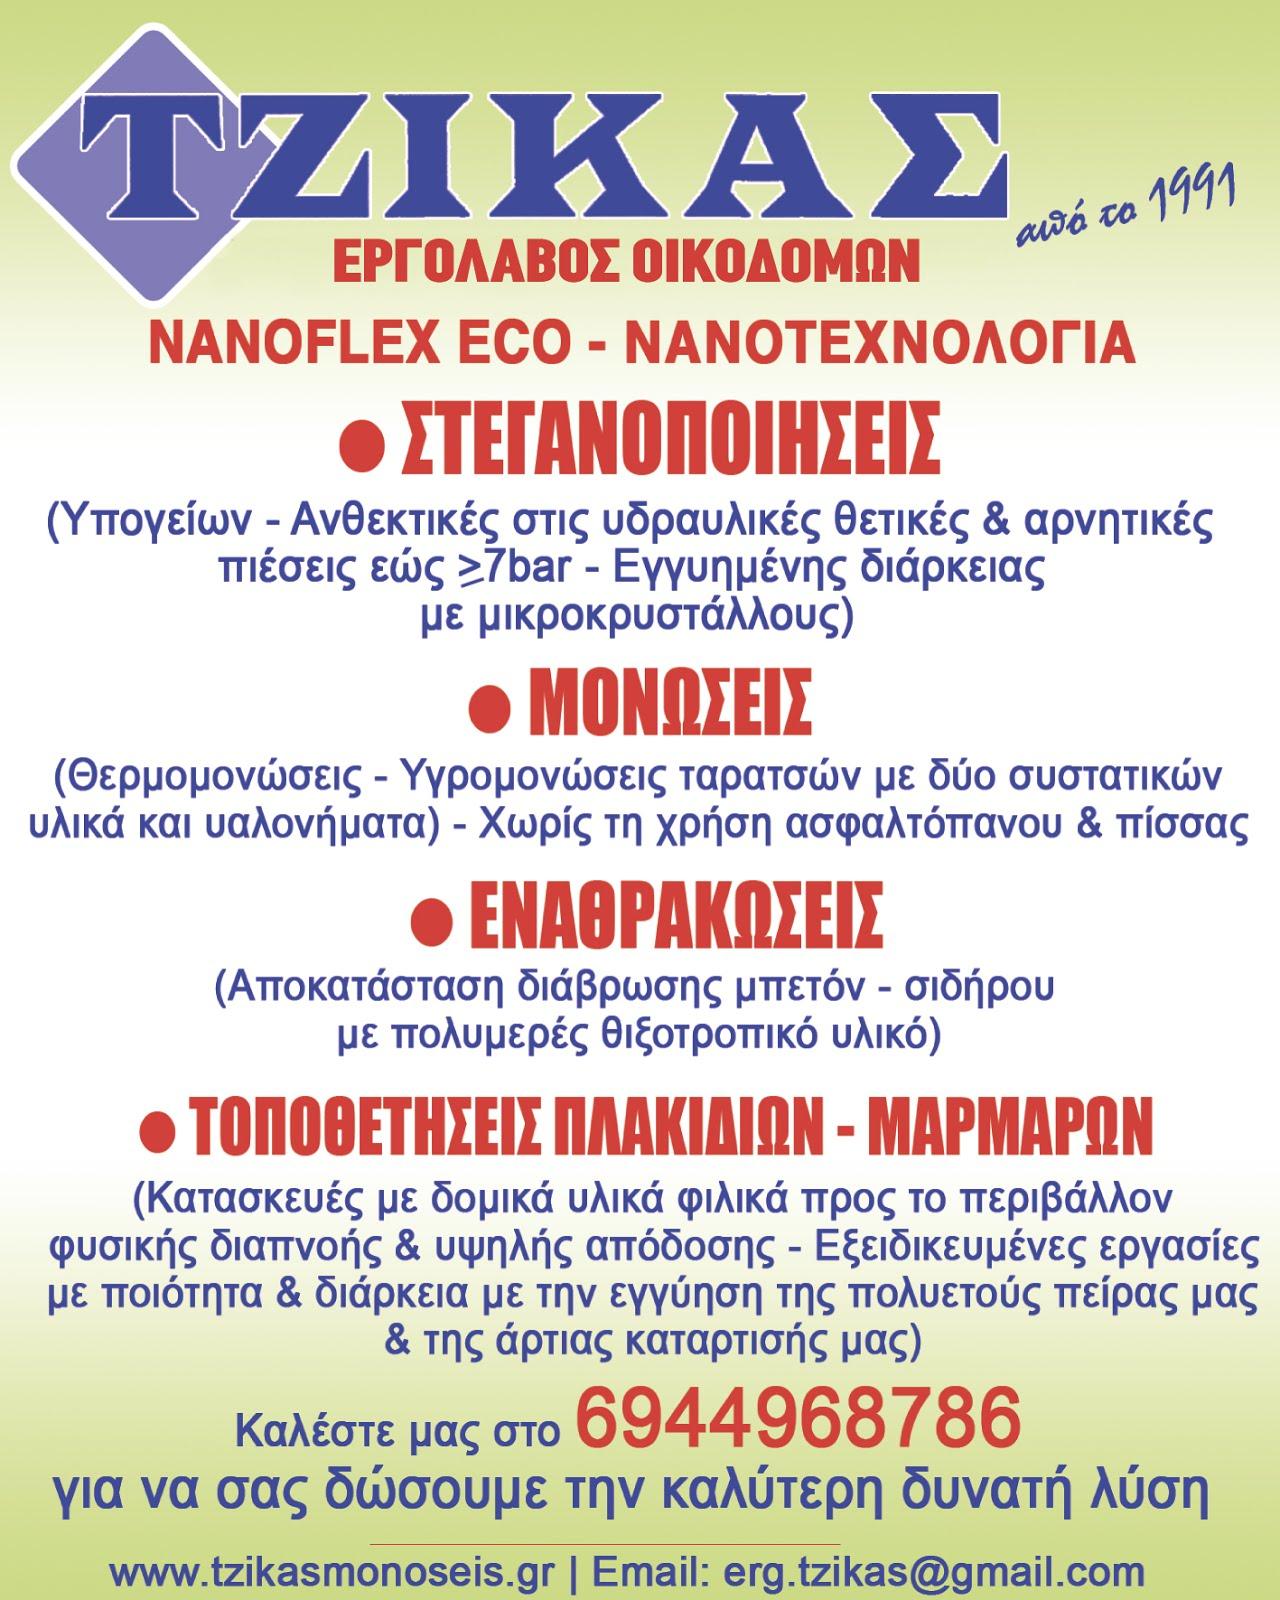 www.tzikasmonoseis.gr